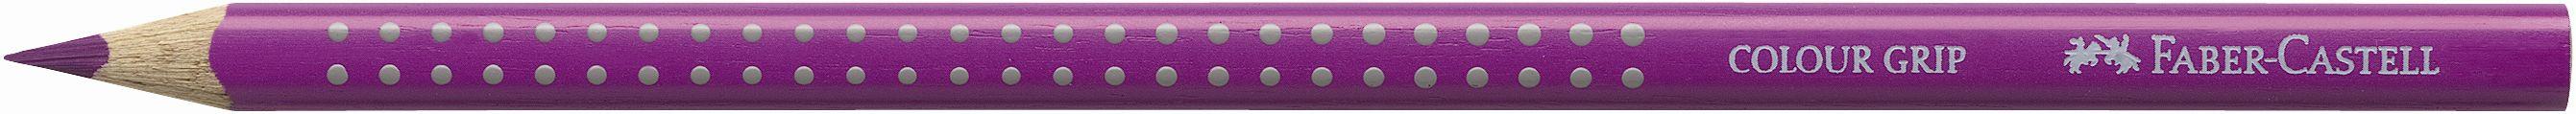 Pastelka Color Grip / 134 šarlatovou Faber Castell - Akvarelové pastelky Faber Castell - Akvarelové pastelky